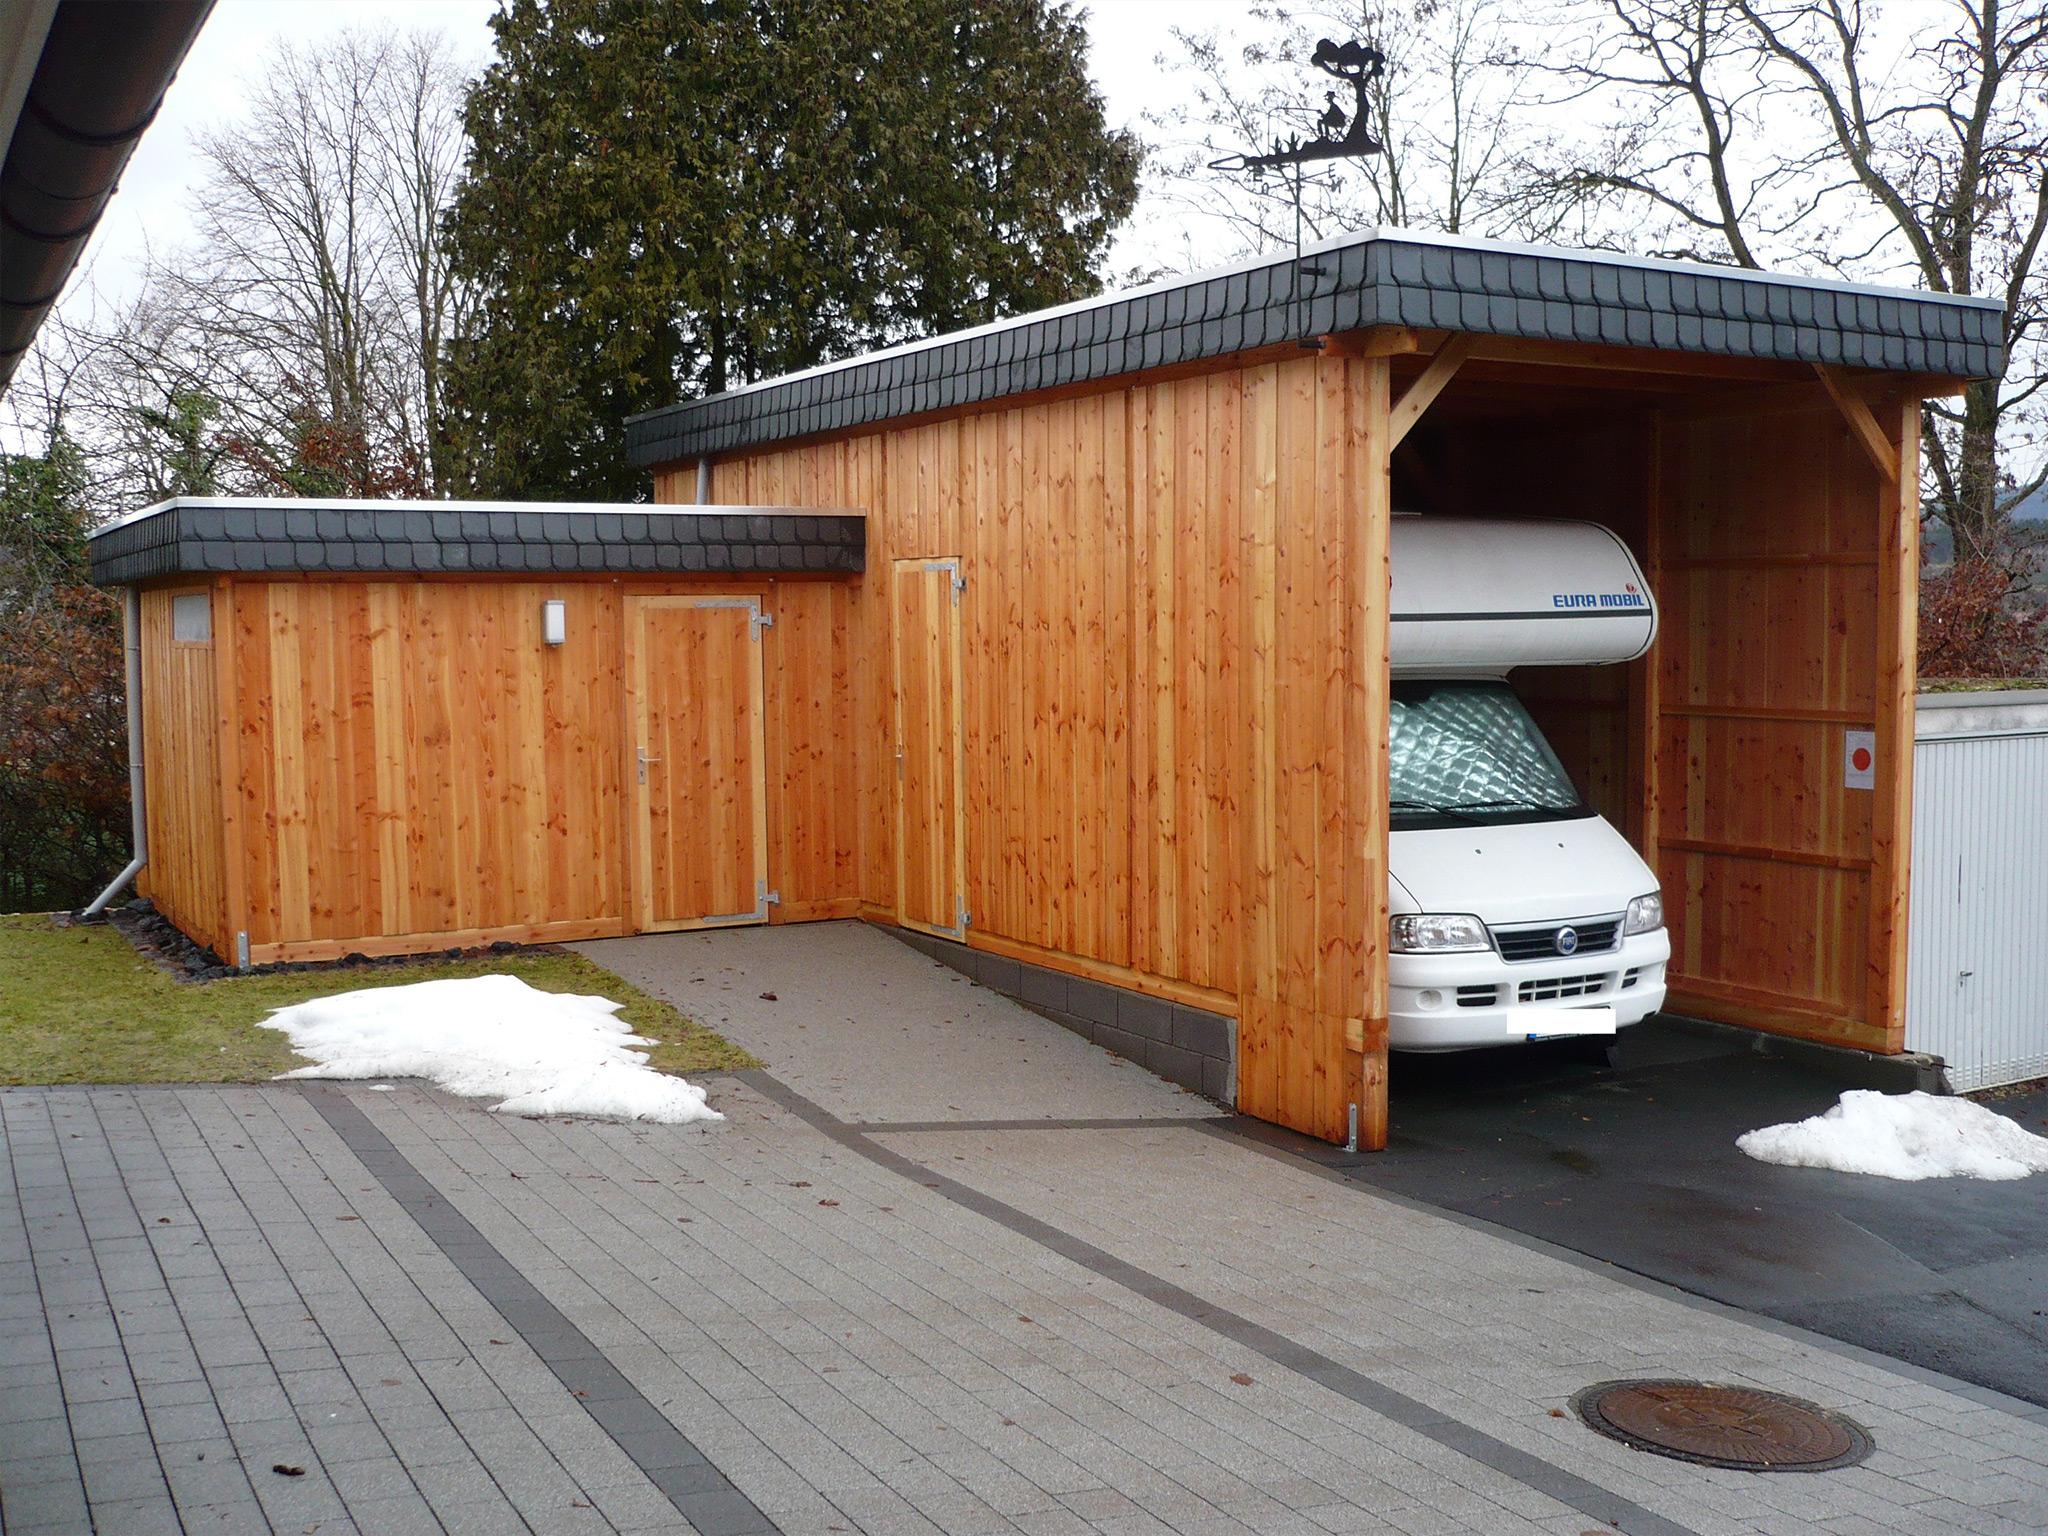 Wohnmobilcarport mit Flachdach und Schindelblende